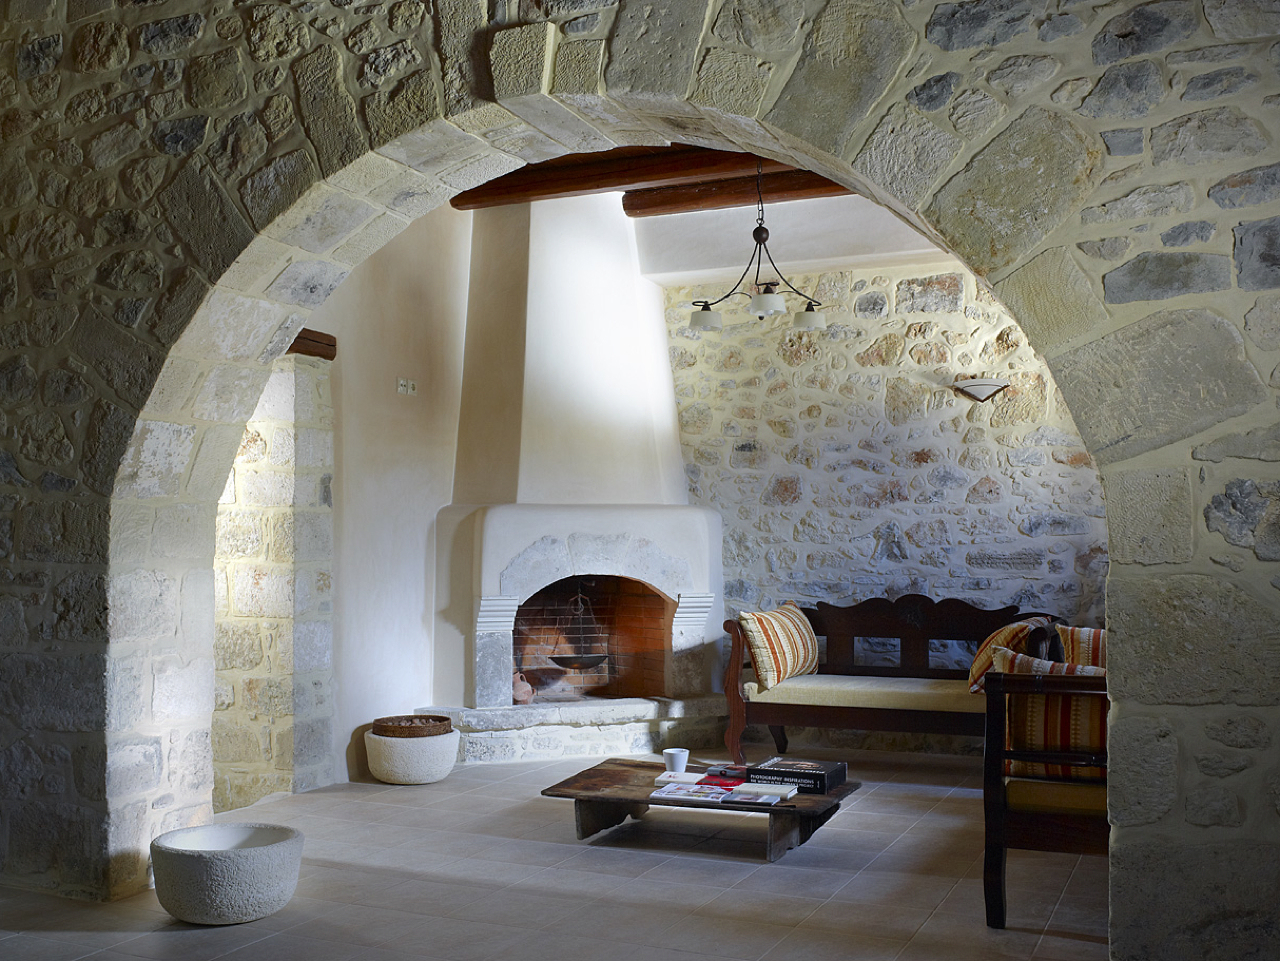 Hotel of Day - Agrielia Cretan House - Sgourokefali Village